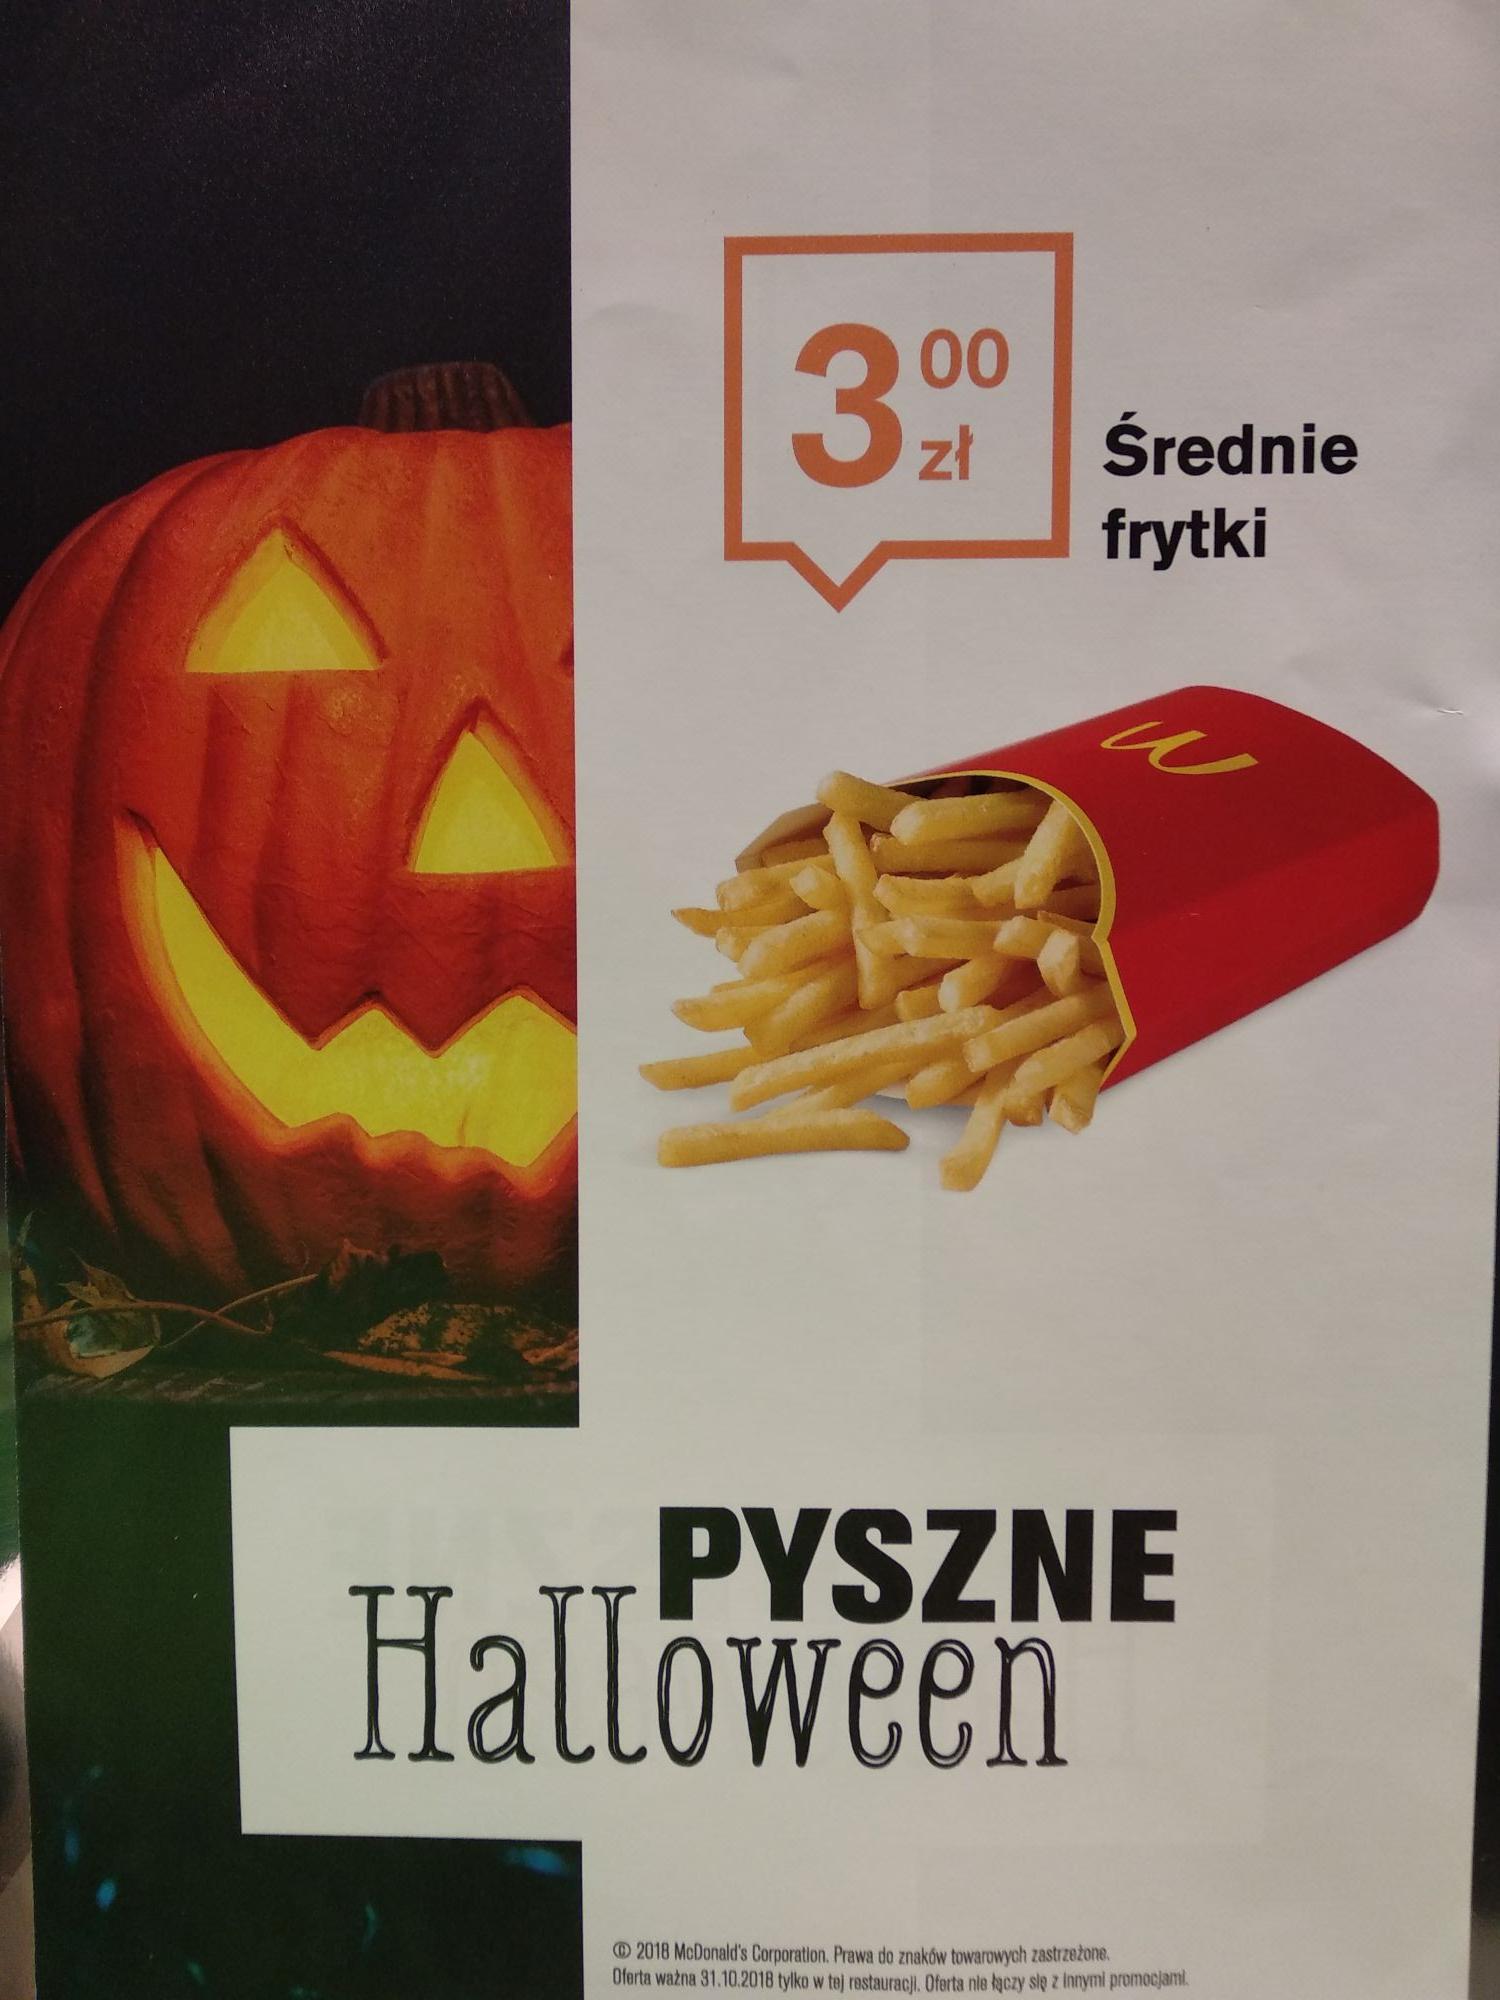 Średnie frytki za 3 zł! - Mc Donalds pl. Dominikański Kraków